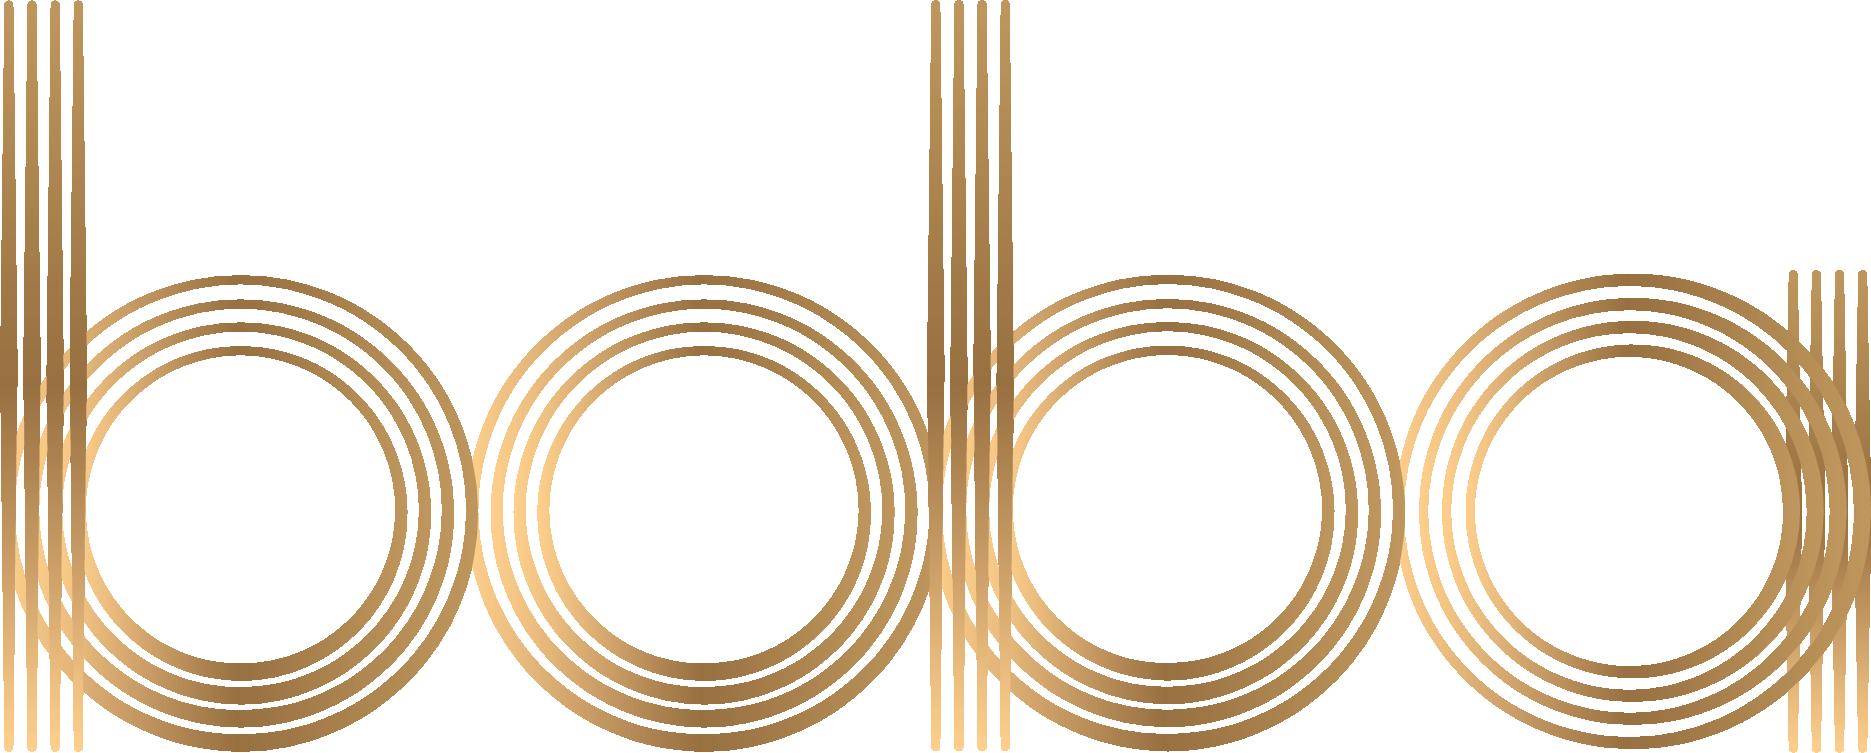 Boba Design